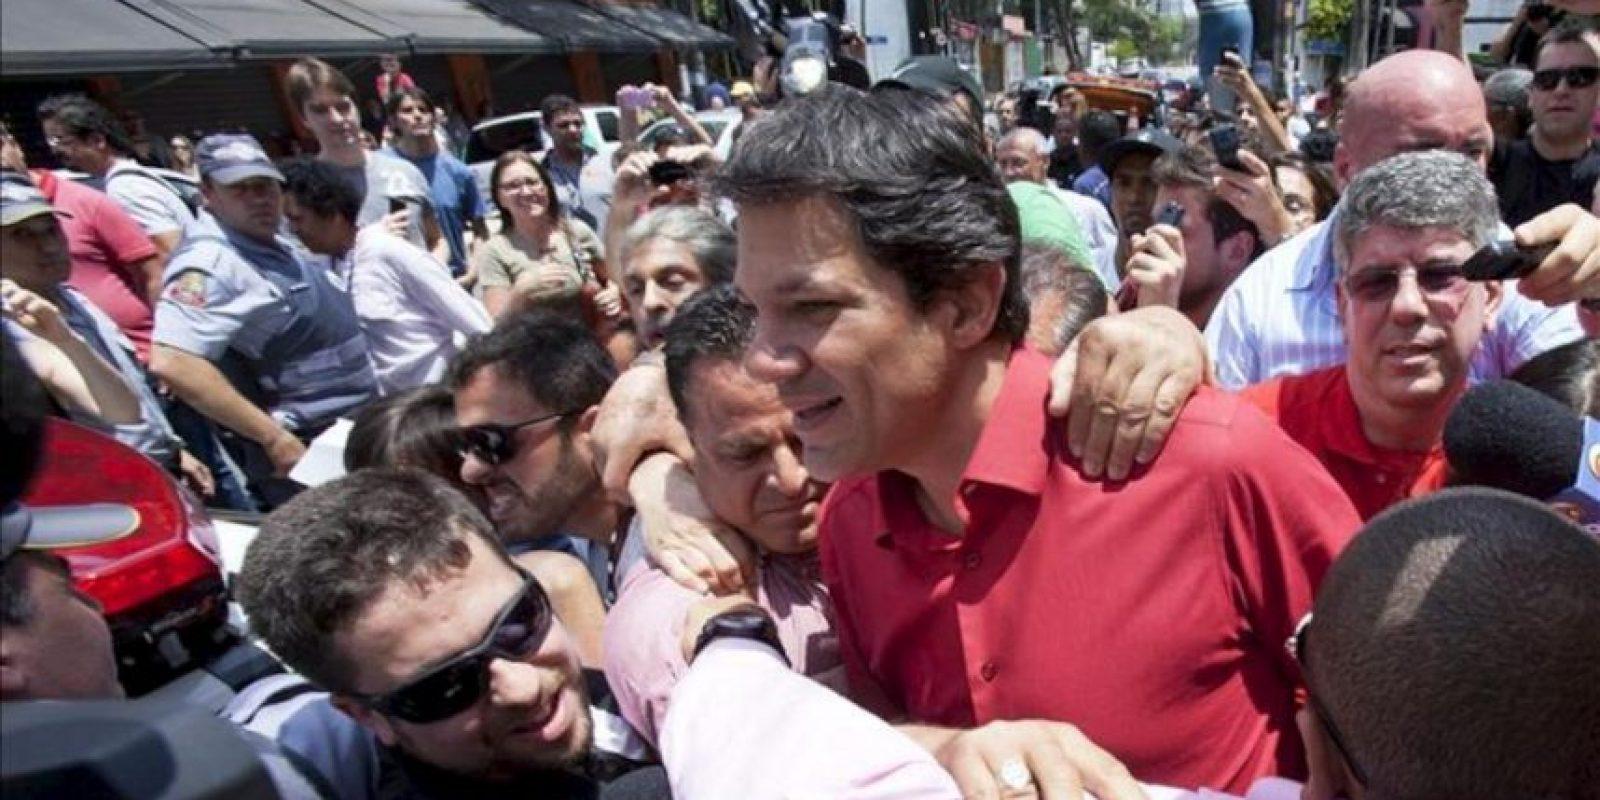 El exministro de Educación Fernando Haddad (c), del Partido de los Trabajadores (PT), candidato a la alcaldía de Sao Paulo tras emitir su voto, en un colegio electoral en Sao Paulo, durante la segunda vuelta de la jornada de elecciones municipales en Brasil. EFE